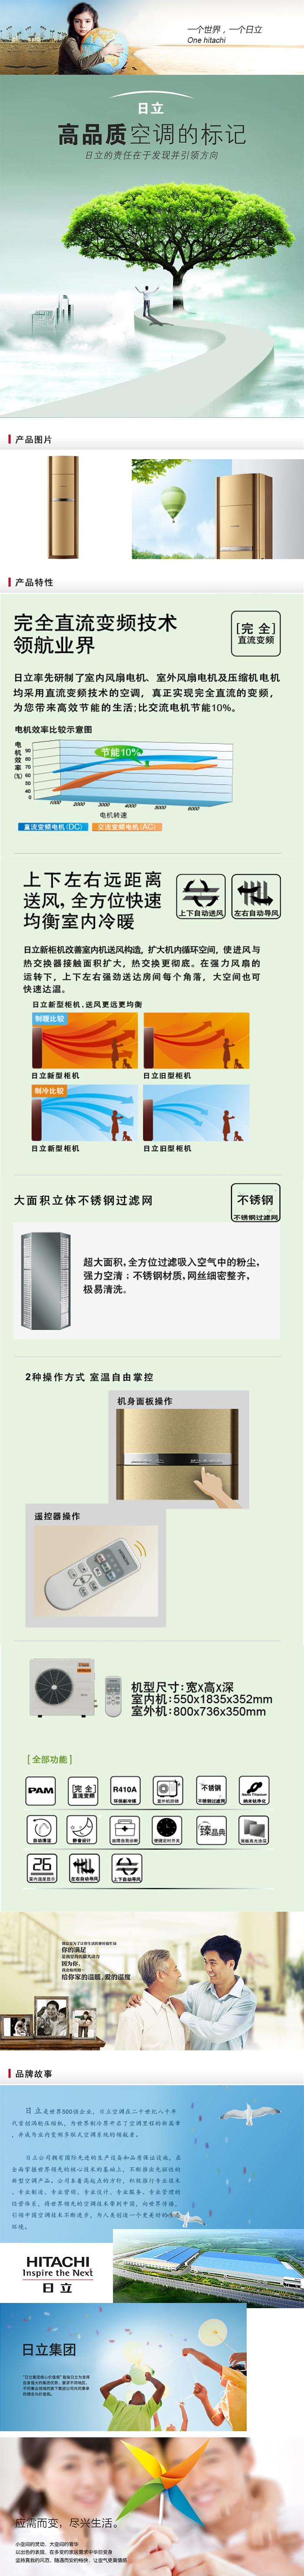 立式空调排水管更换图解